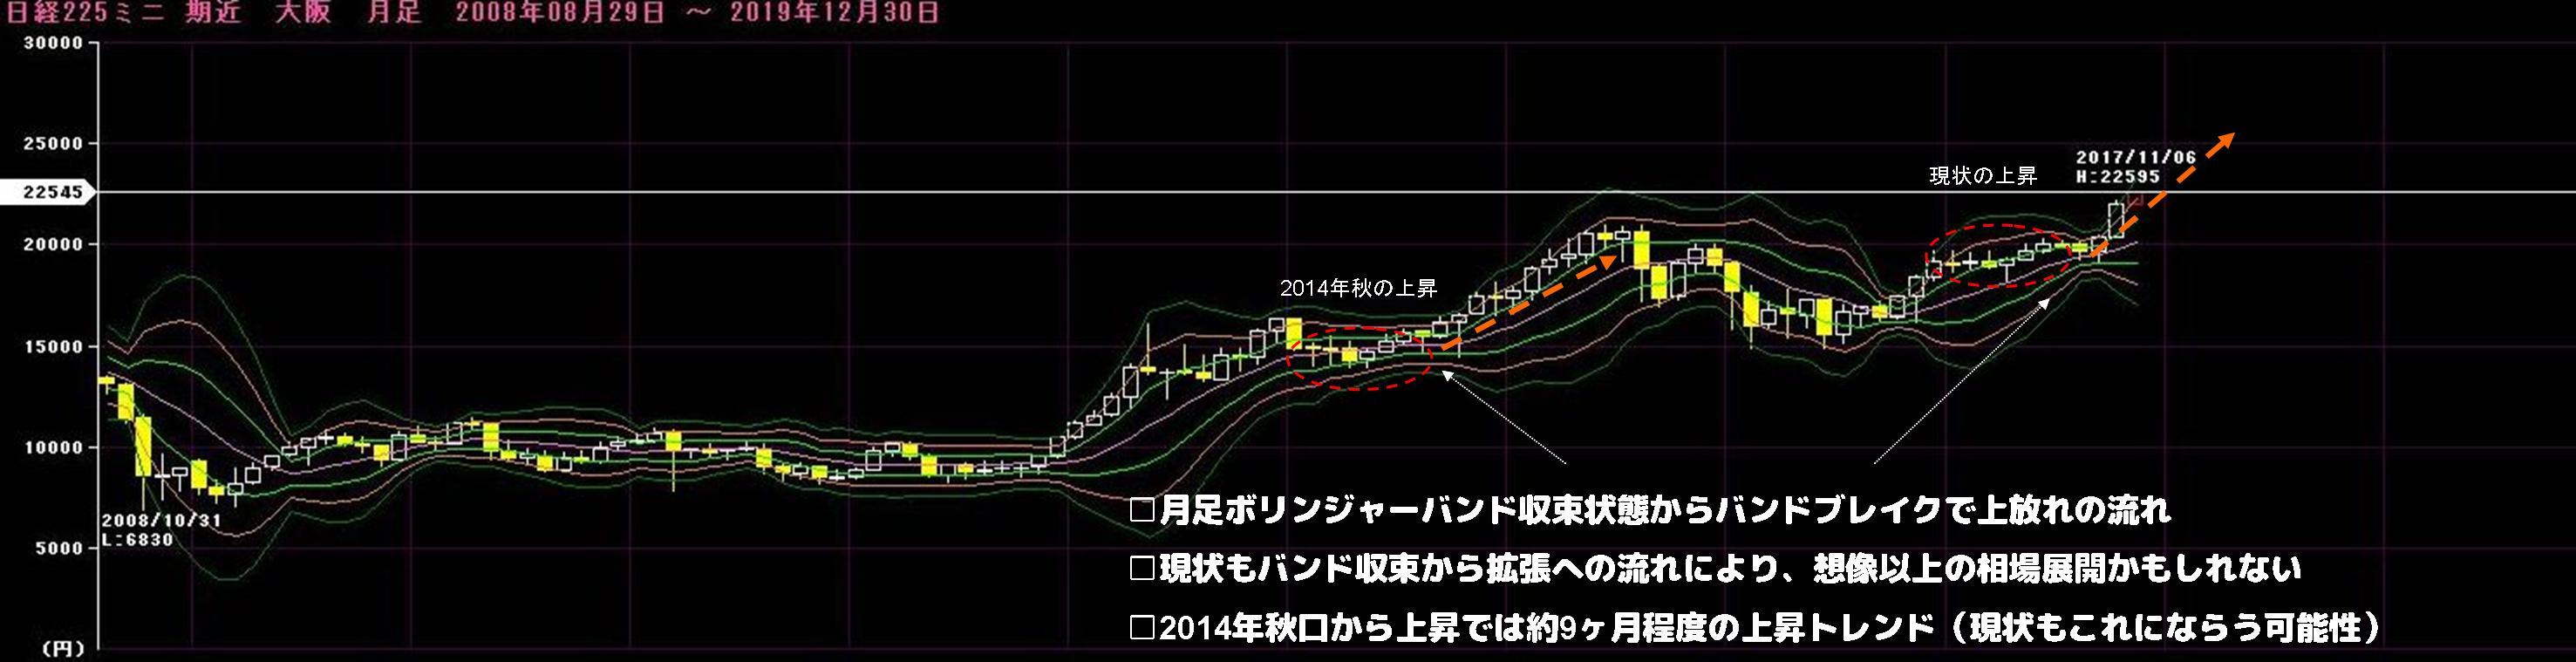 20171103-2.jpg